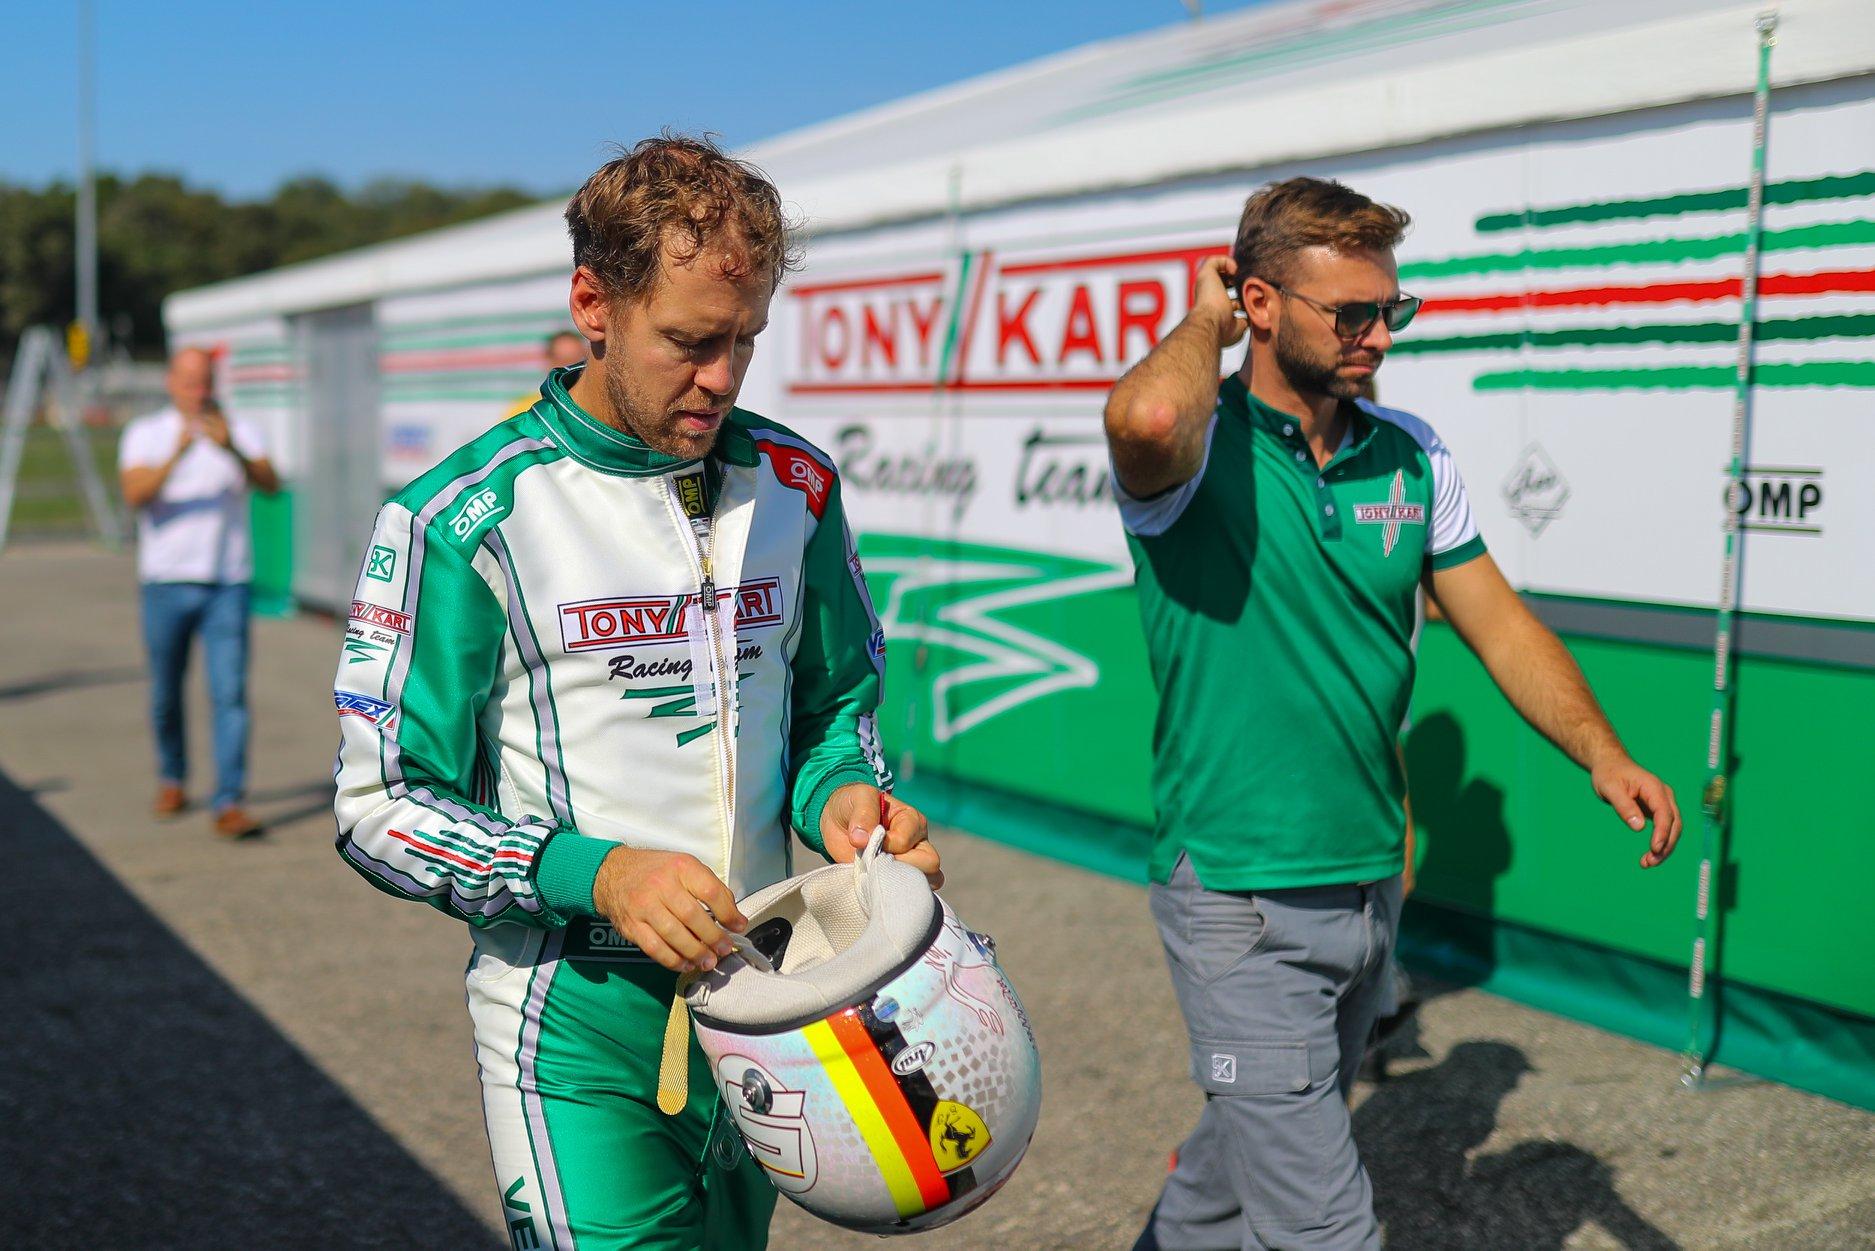 Sebastian_Vettel_testing_Tony_Kart_0021